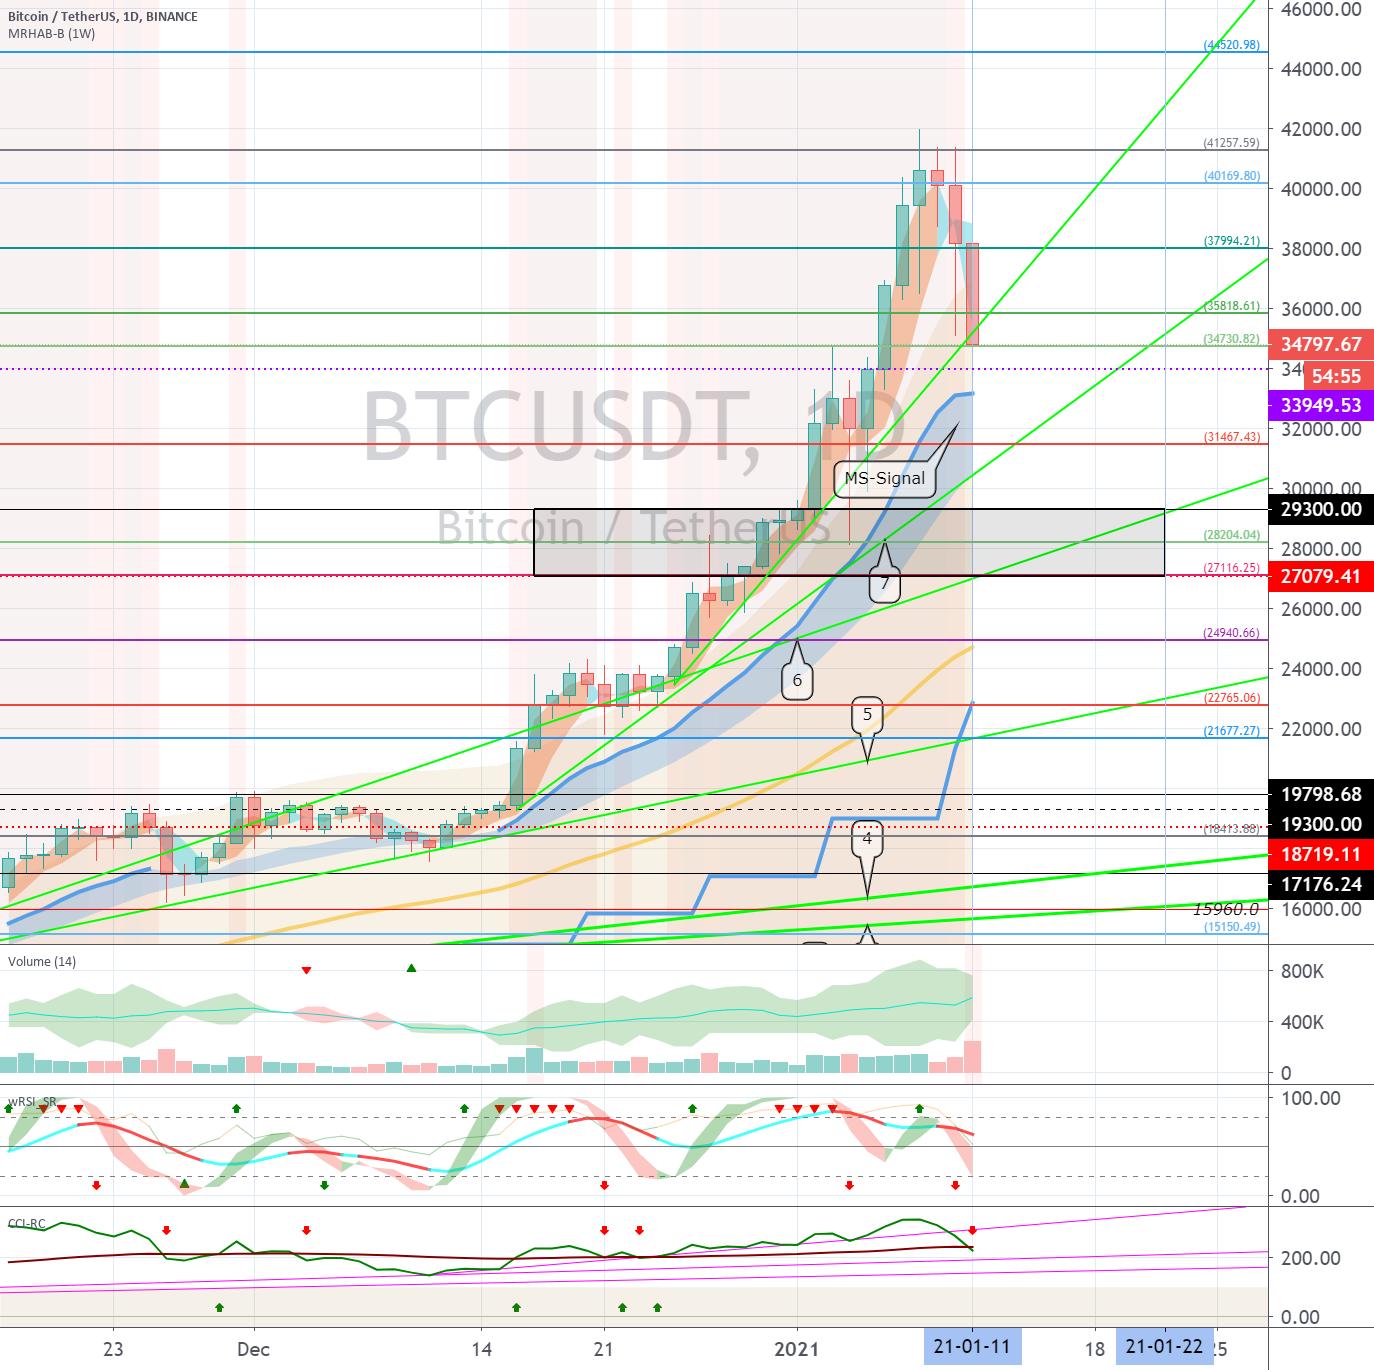 Bitcoin (BTC) - January 12